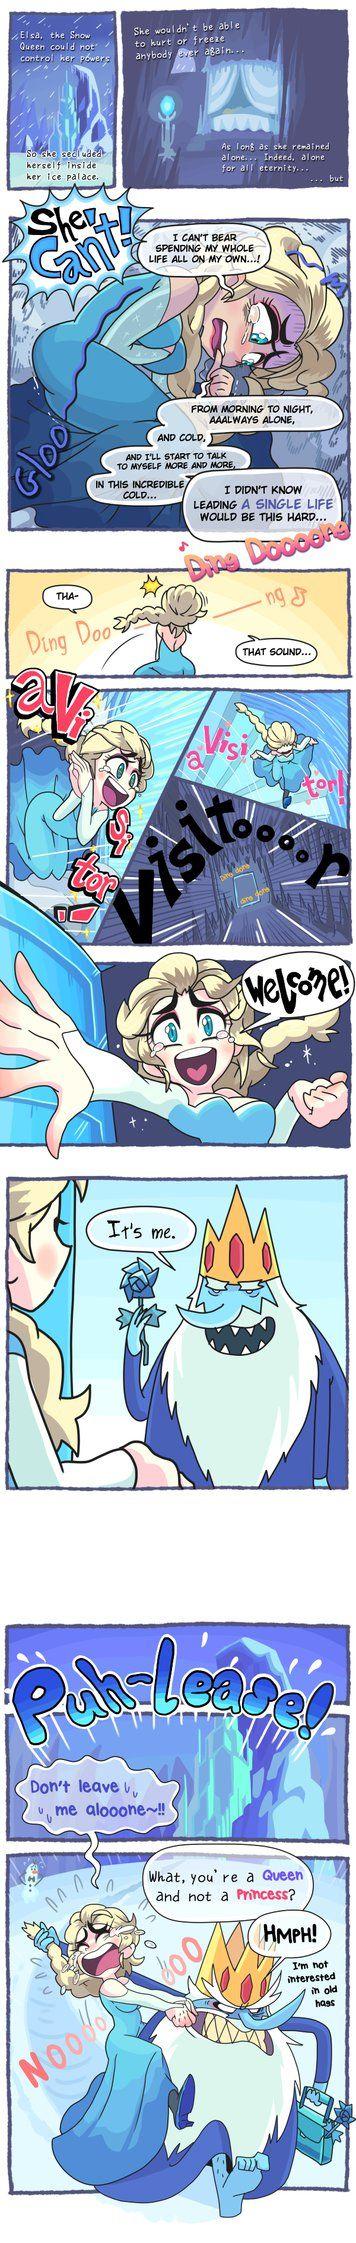 Frozen comic by Gashi-gashi on deviantART #Geek